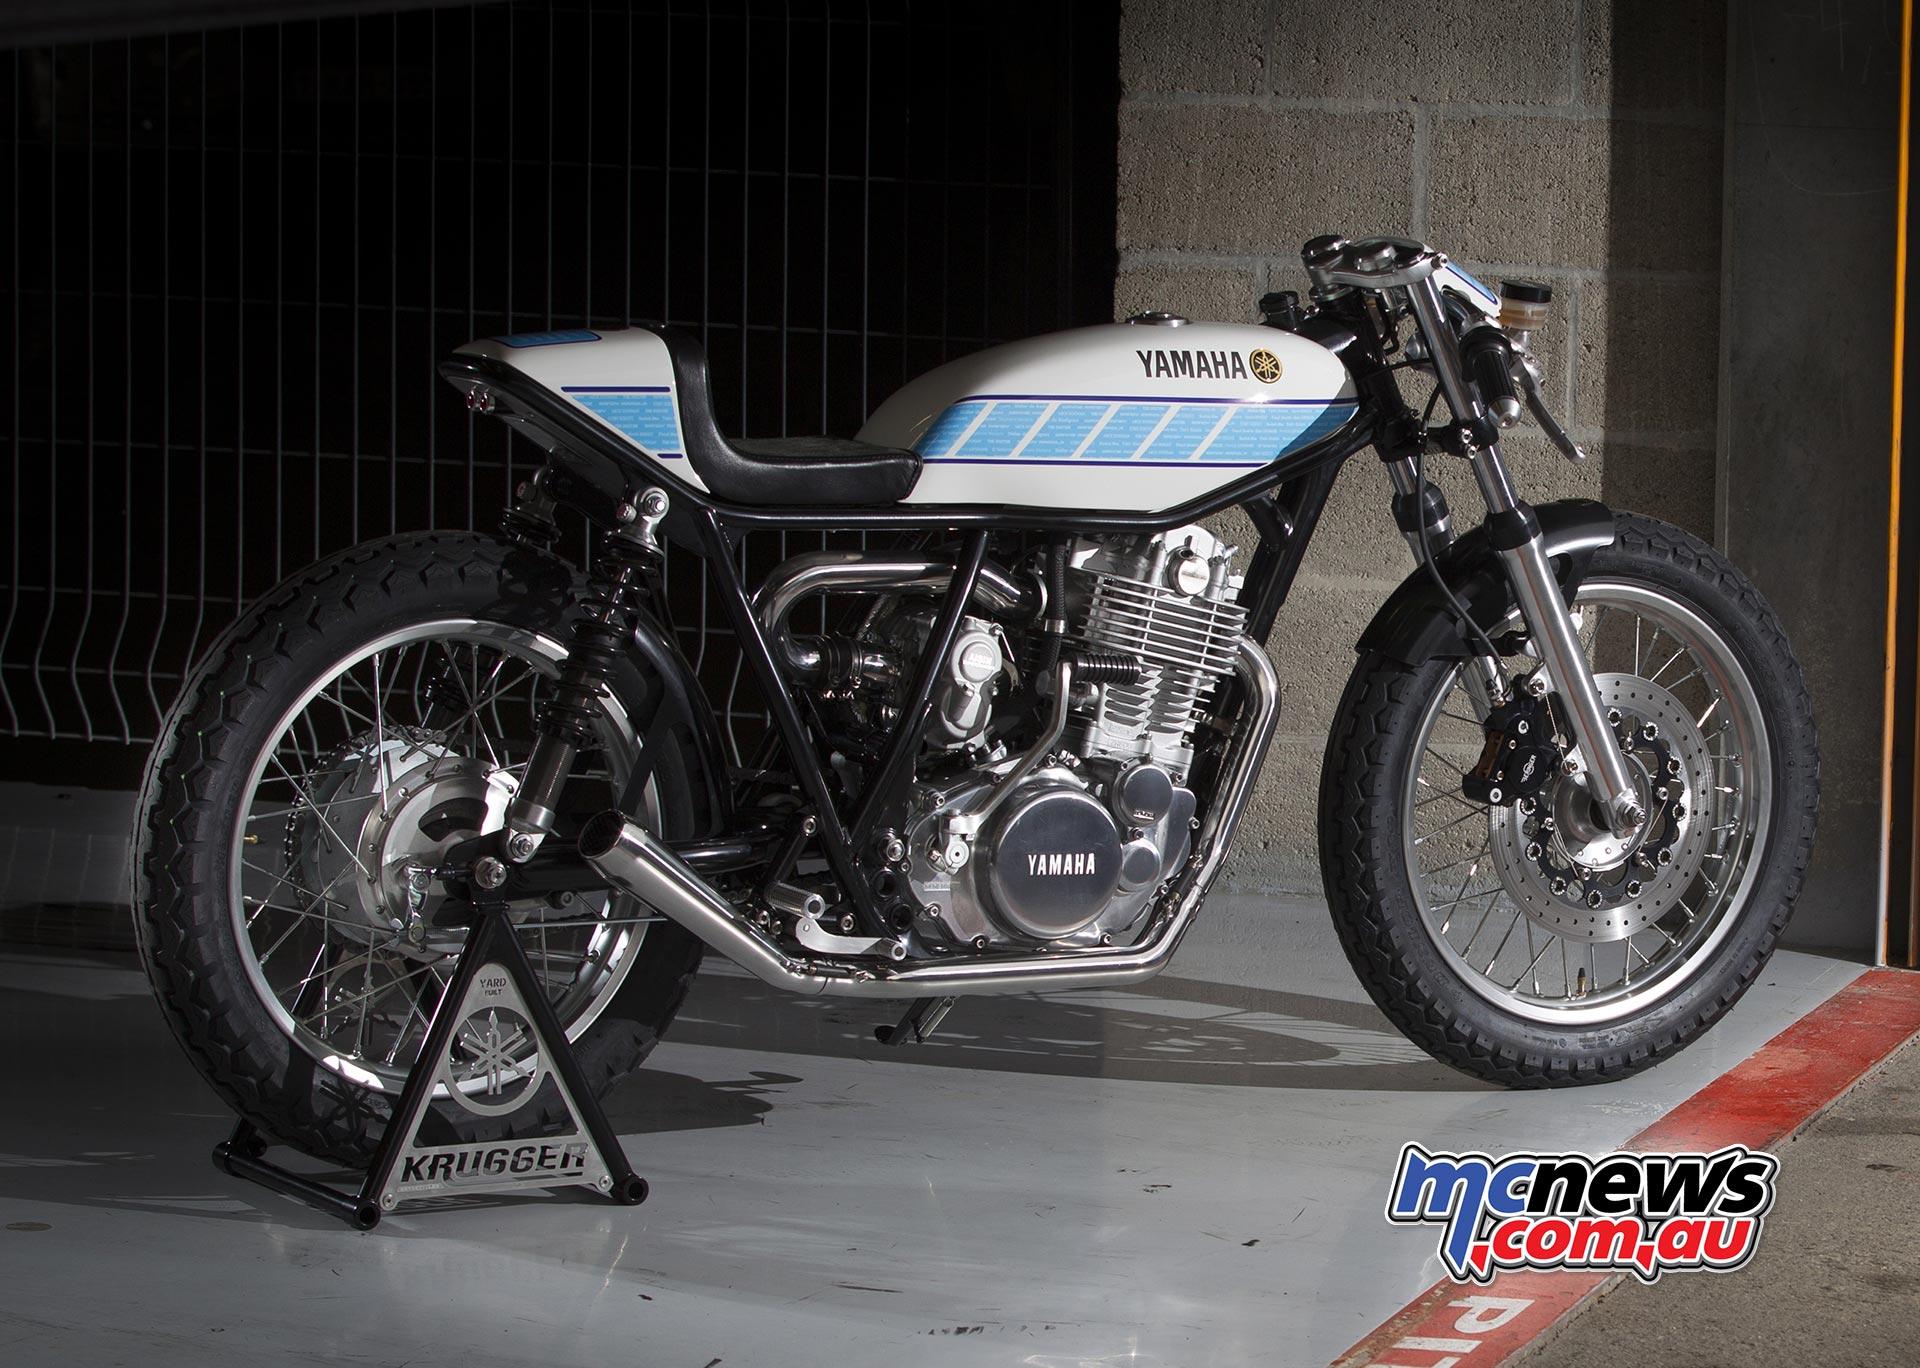 Supercharged Yamaha SR400 Custom | MCNews.com.au